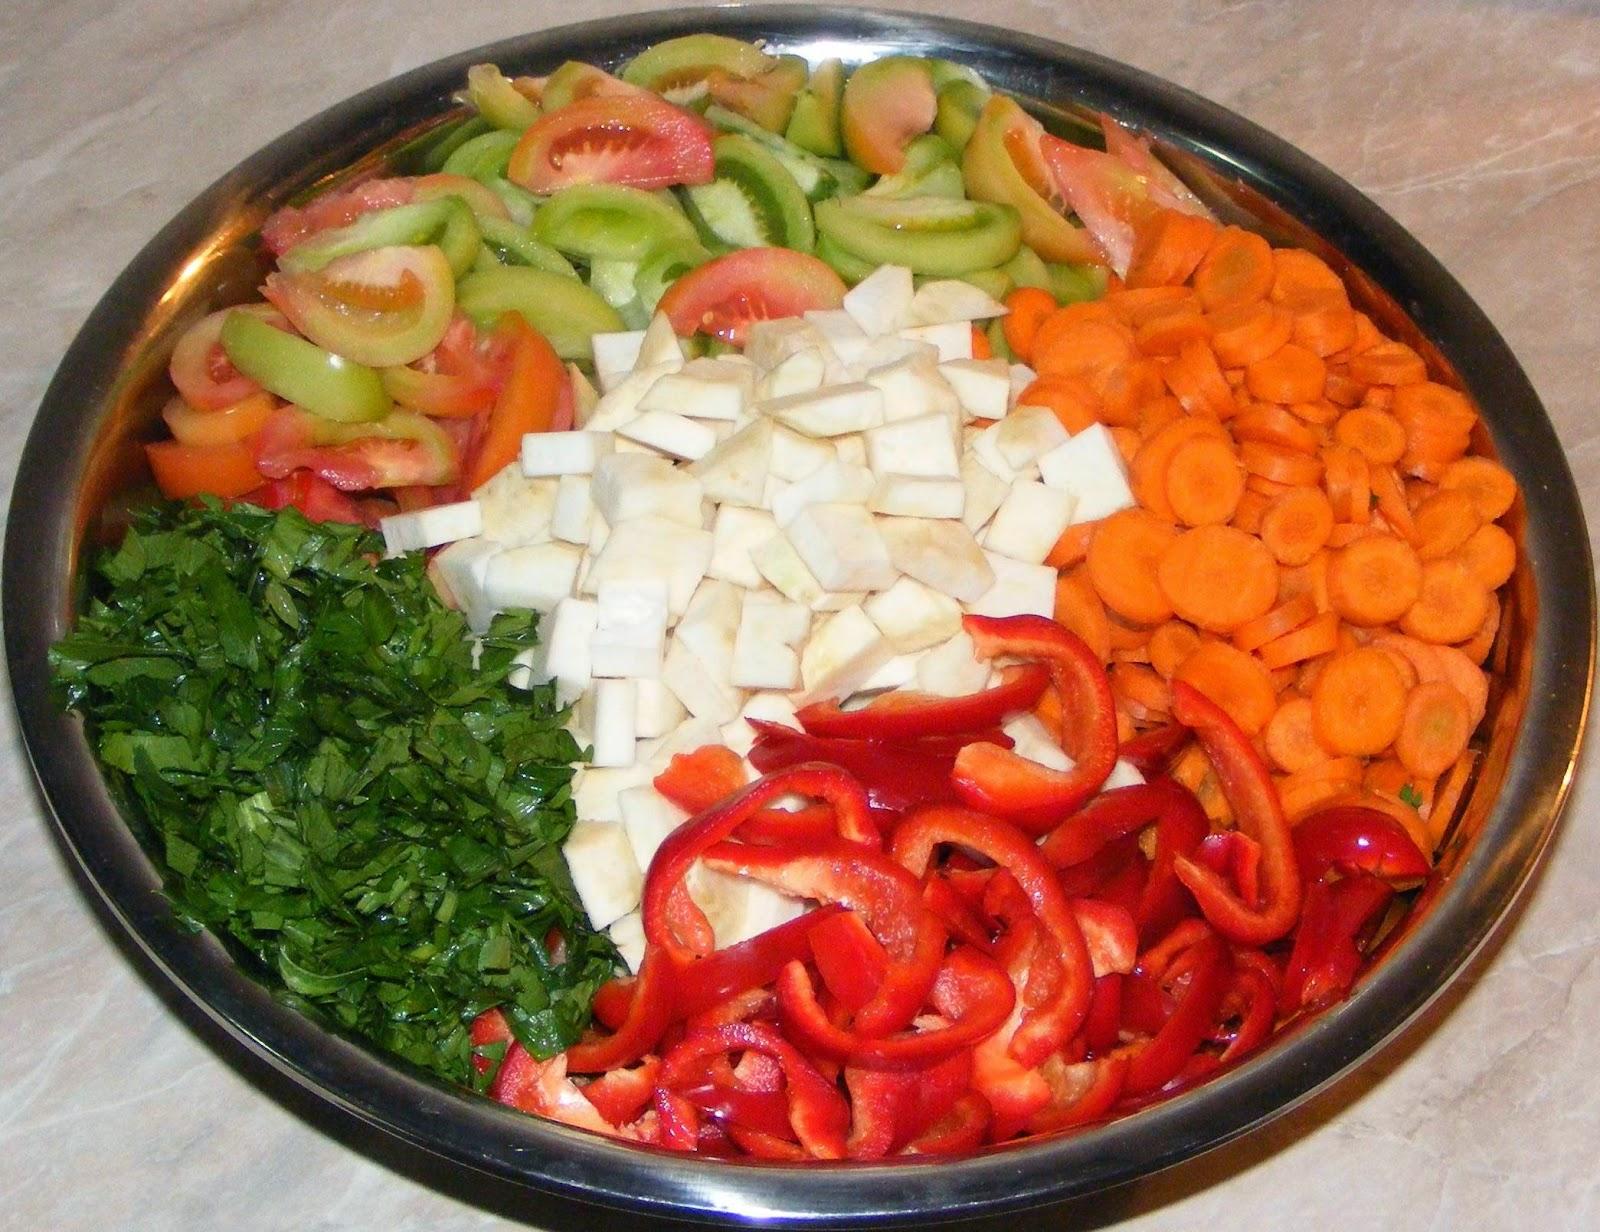 preparare salata de muraturi asortate pentru iarna, legume, salata de cruditati, salata de legume asortate pentru iarna, salata asortata de muraturi, retete de muraturi, muraturi pentru iarna, retete muraturi, muraturi de iarna, legume taiate pentru iarna, legume feliate,